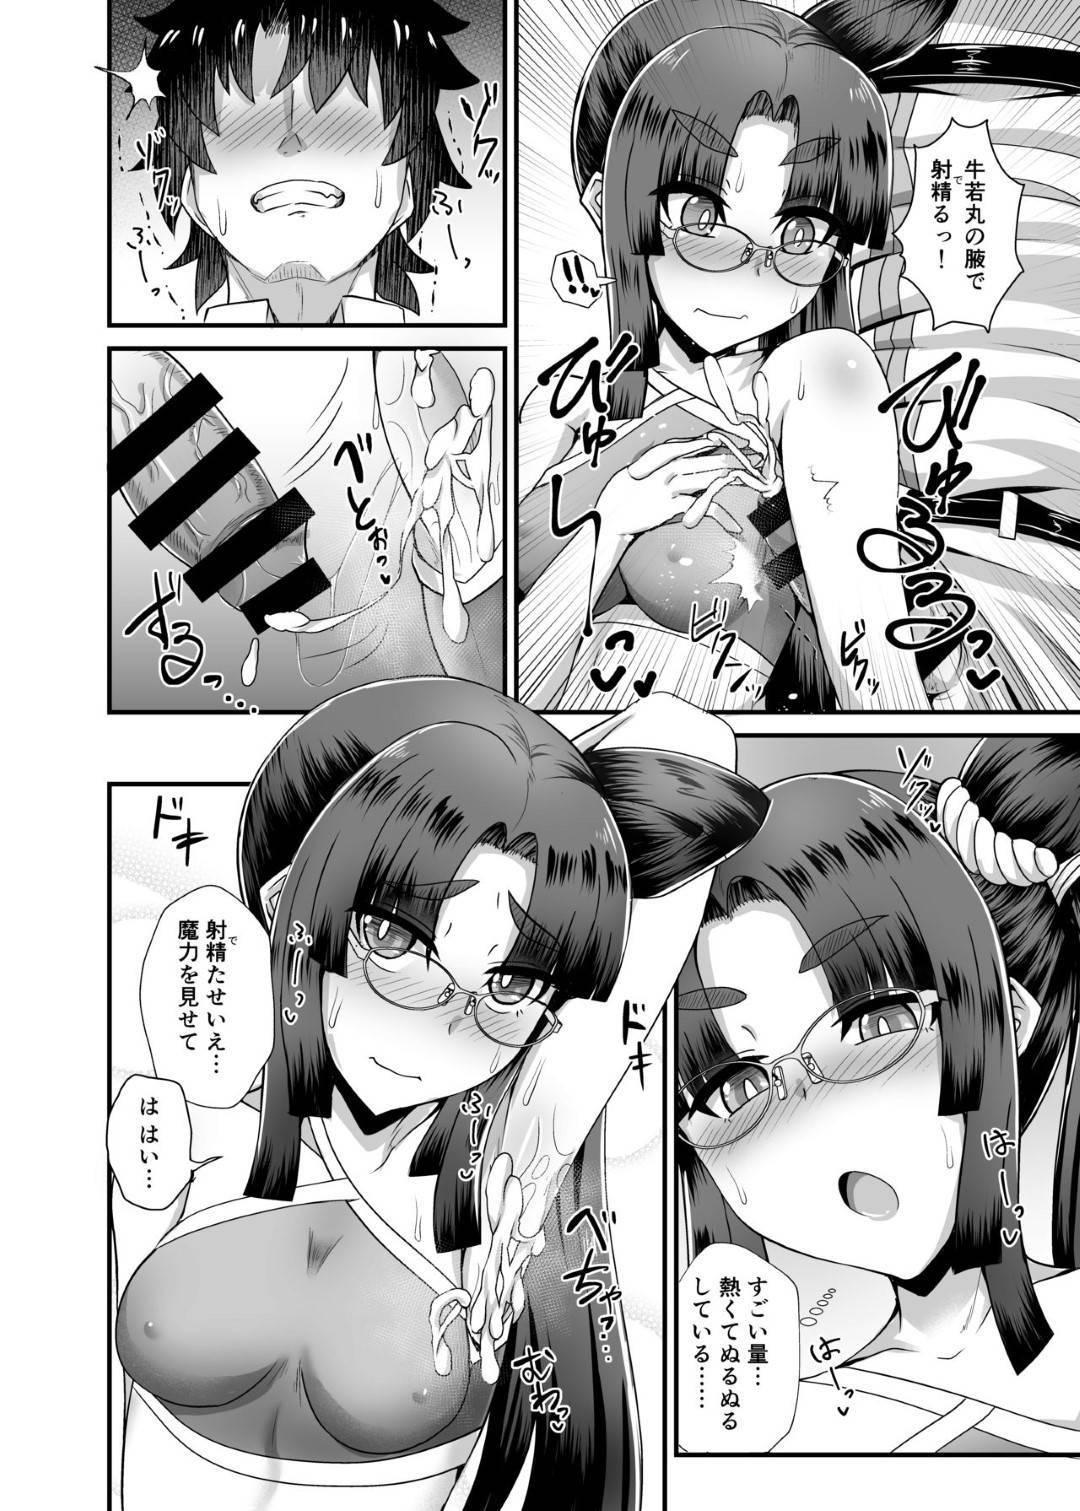 【fateエロ漫画】催眠機能のあるメガネをうっかり掛けてしまった牛若丸。何をしても抵抗しない事を良いことにマスターは腿コキや脇コキ、ぶっかけてイラマしたりと変態プレイをやりたい放題!更に常識を改変させて逆レイプさせるのだった。【不審者罪】